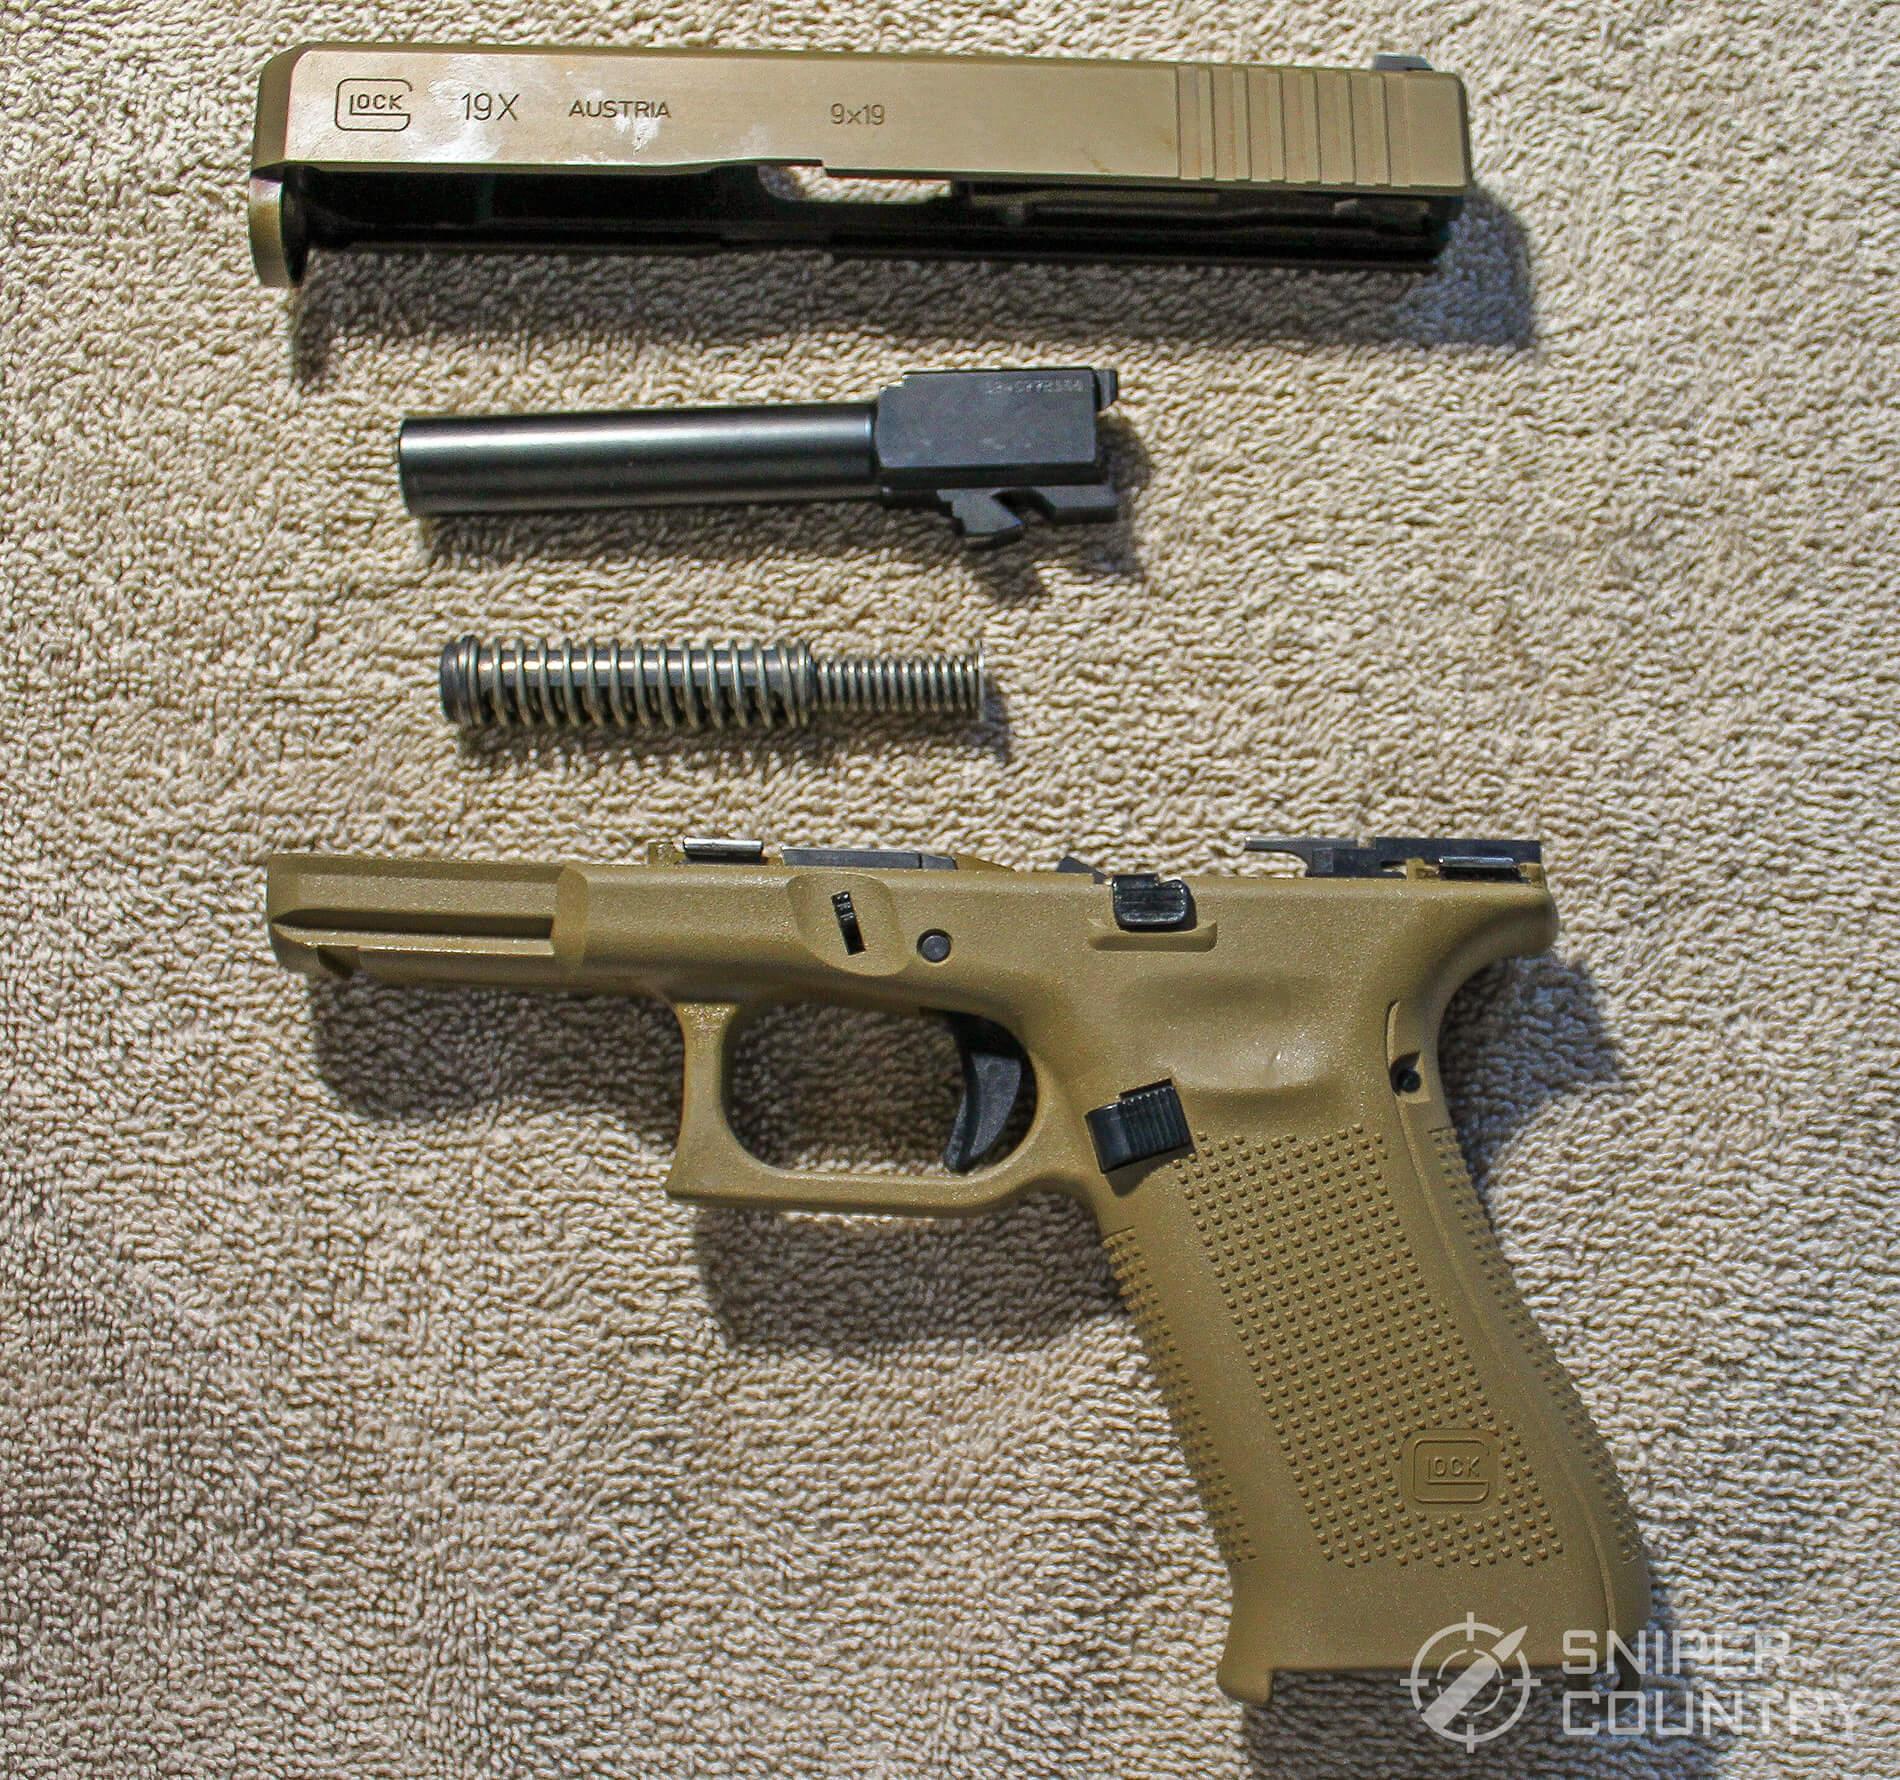 Glock G19X field stripped